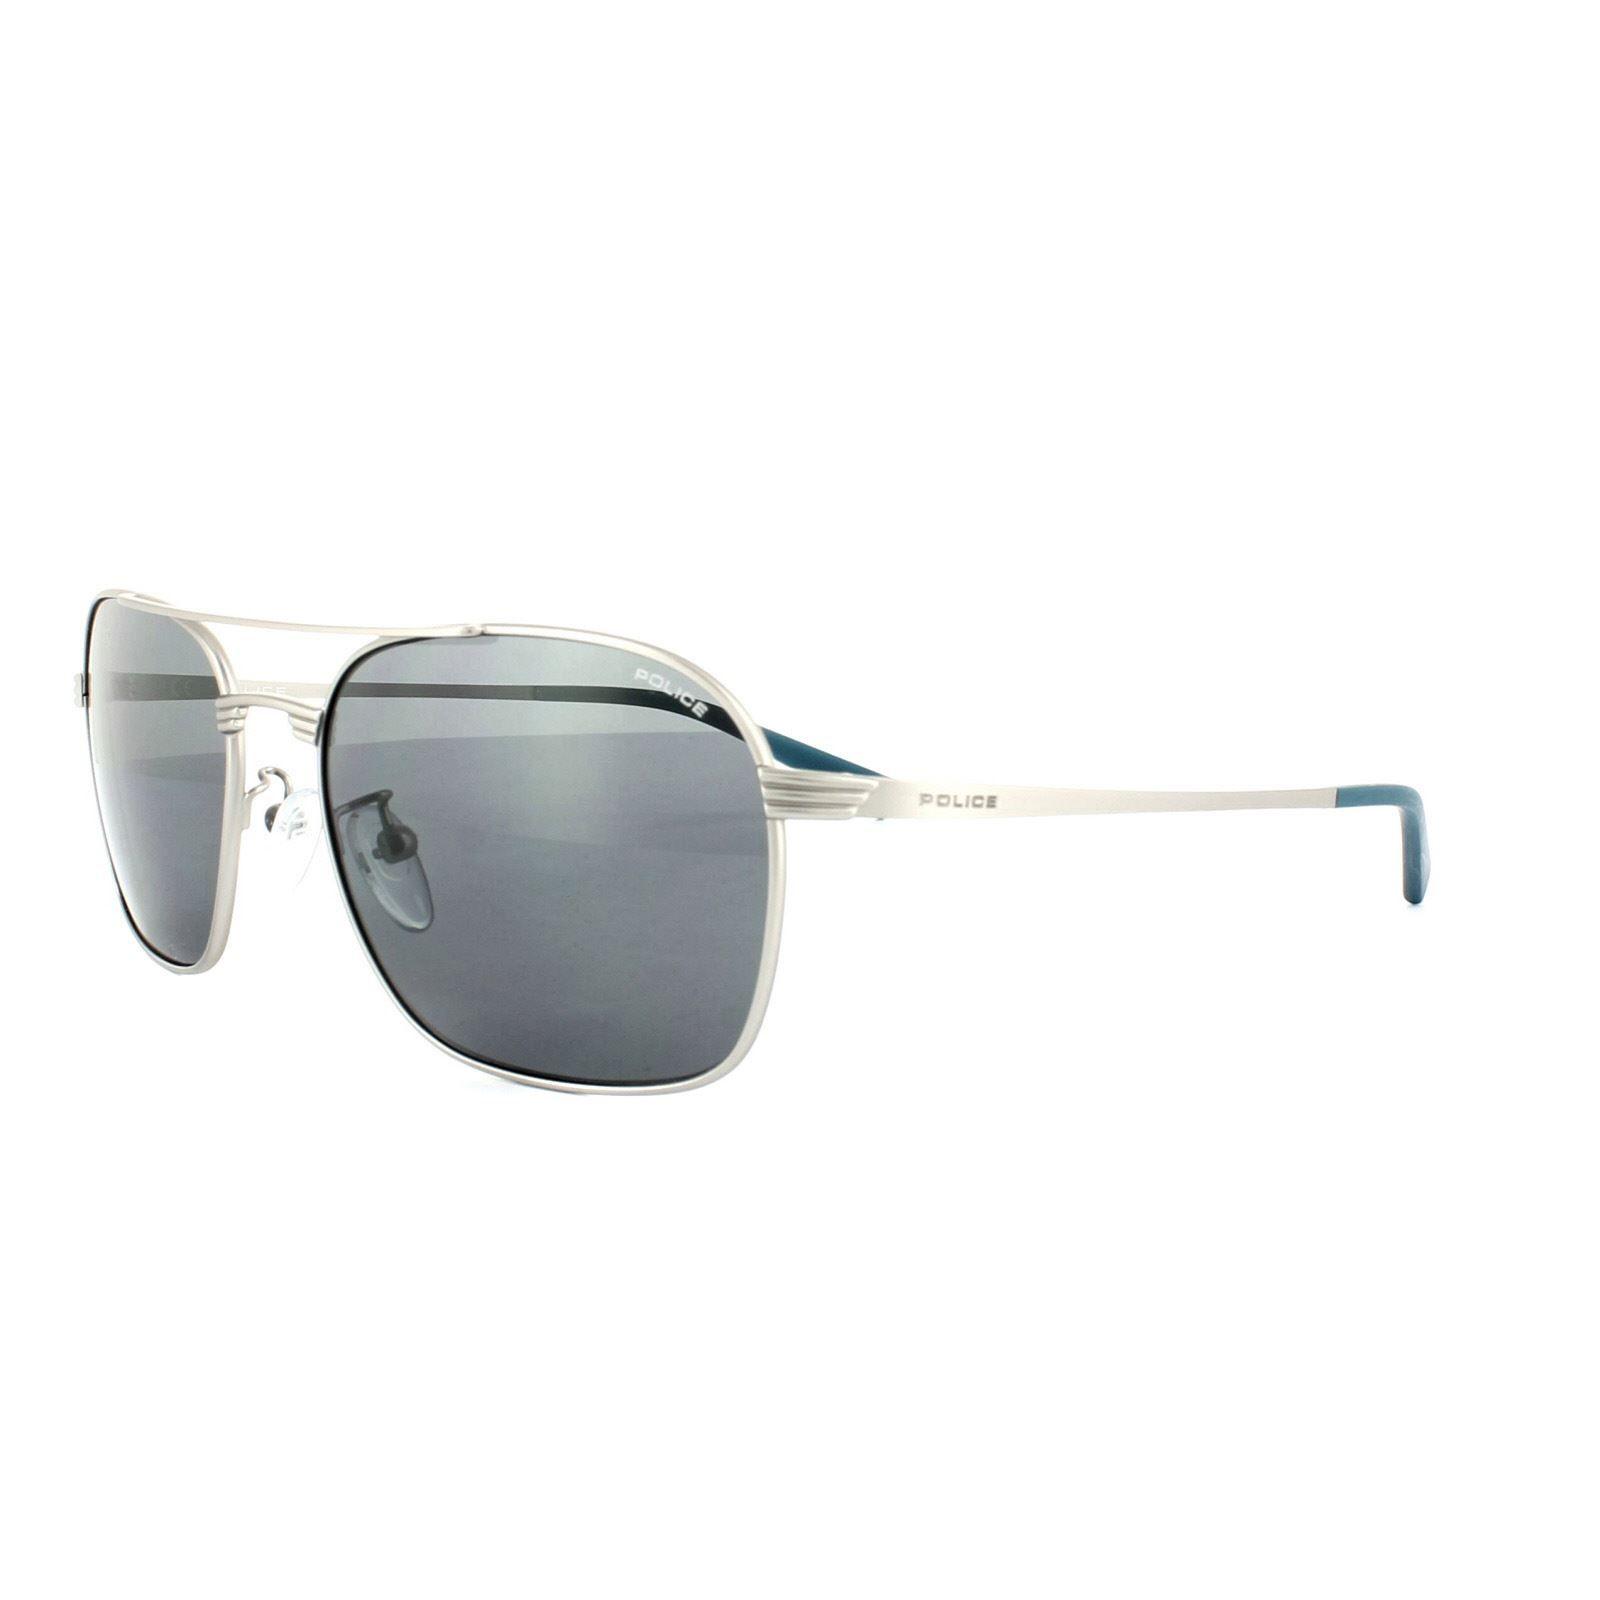 Police Sunglasses S8952 Rival 1 581K Silver Grey